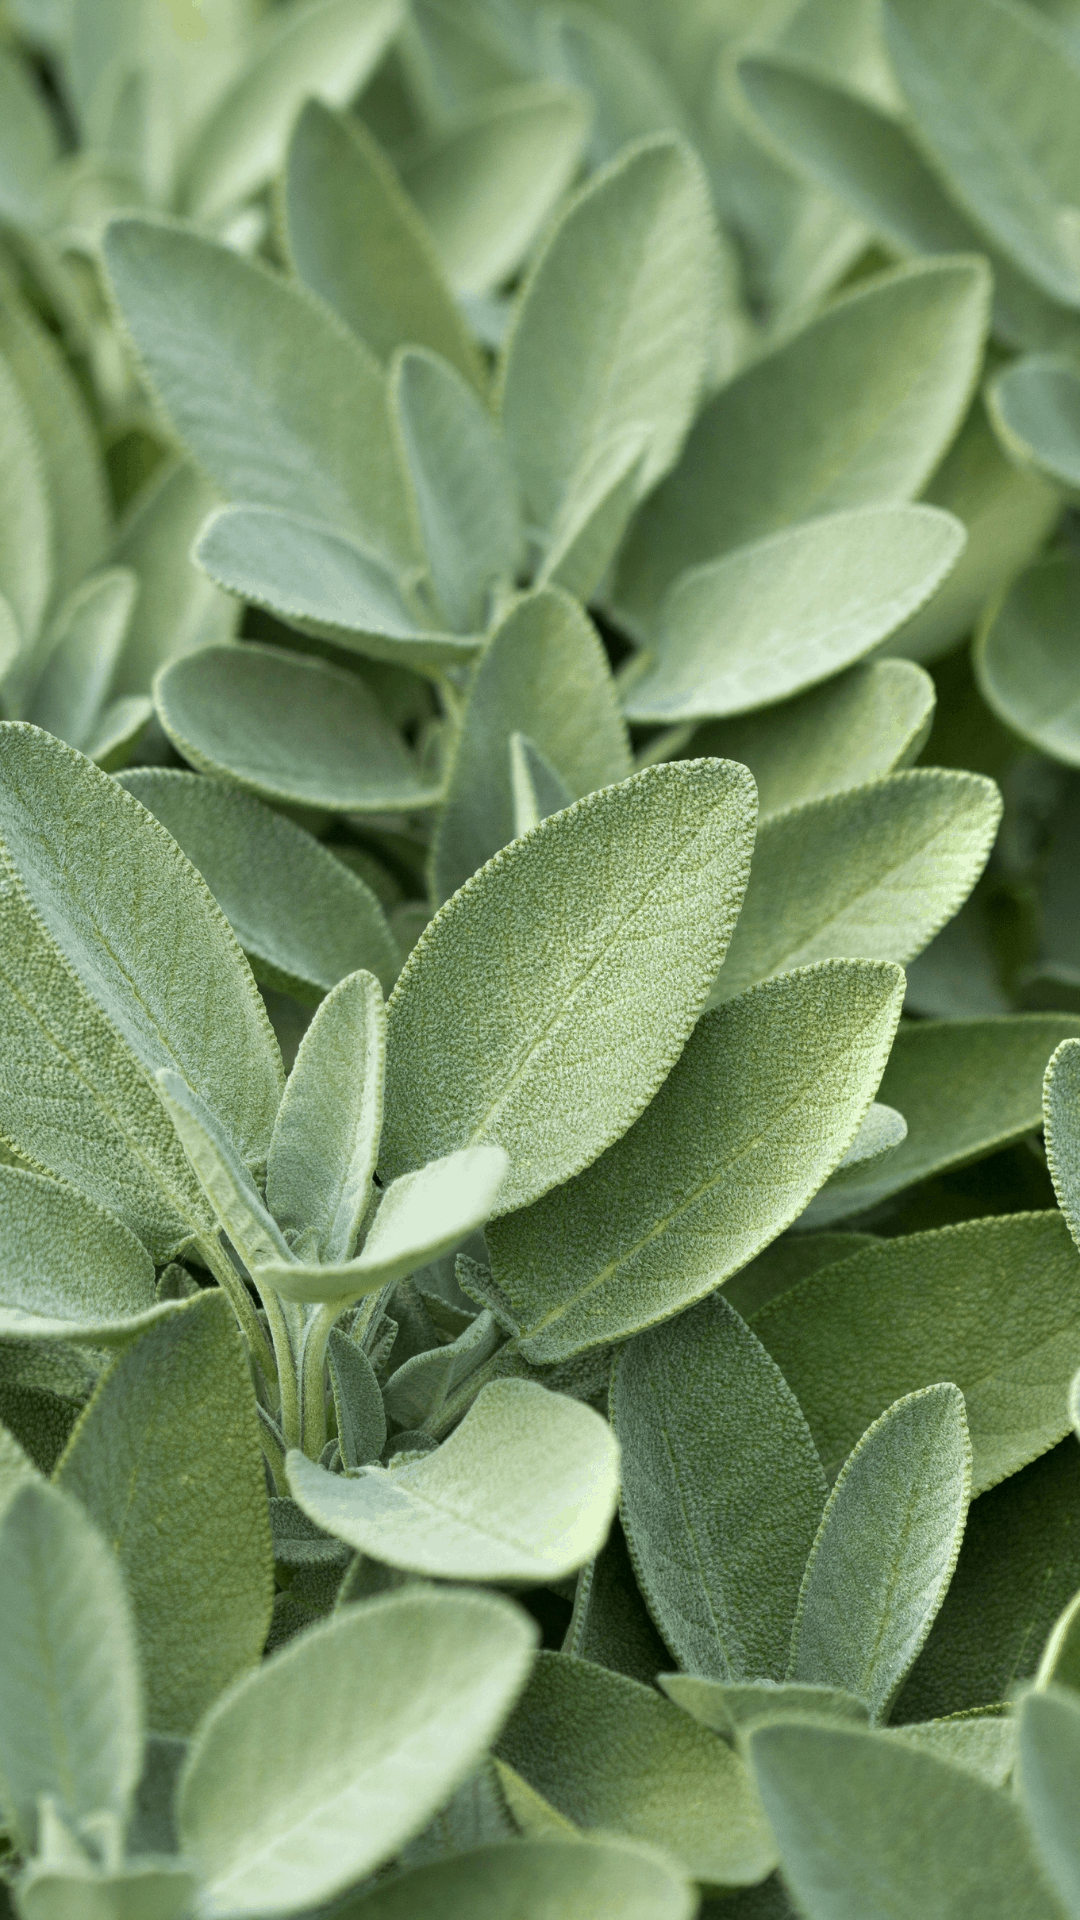 1080x1920 Sage Green Aesthetic hình nền